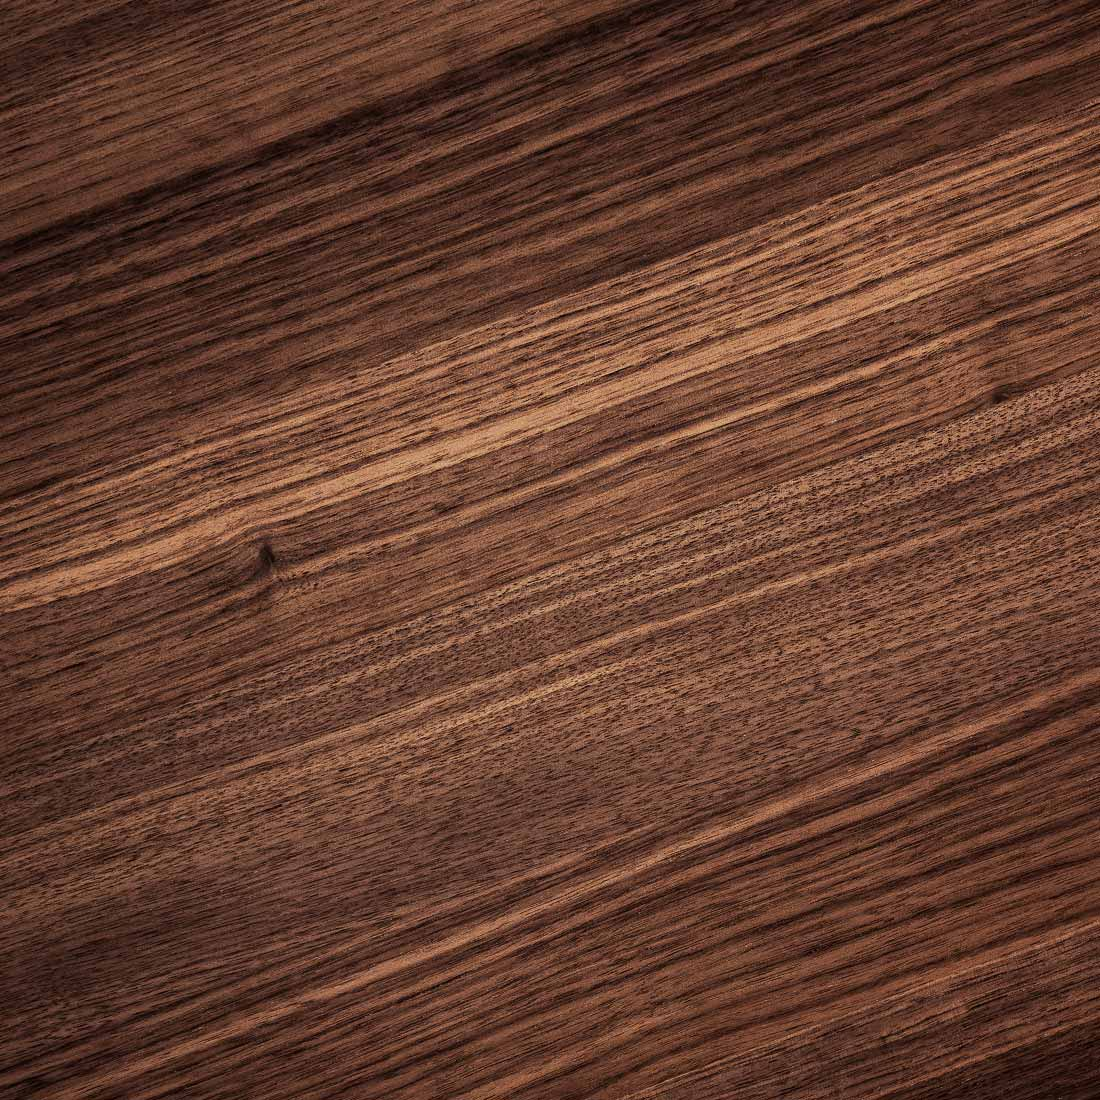 Texture bois marron veiné